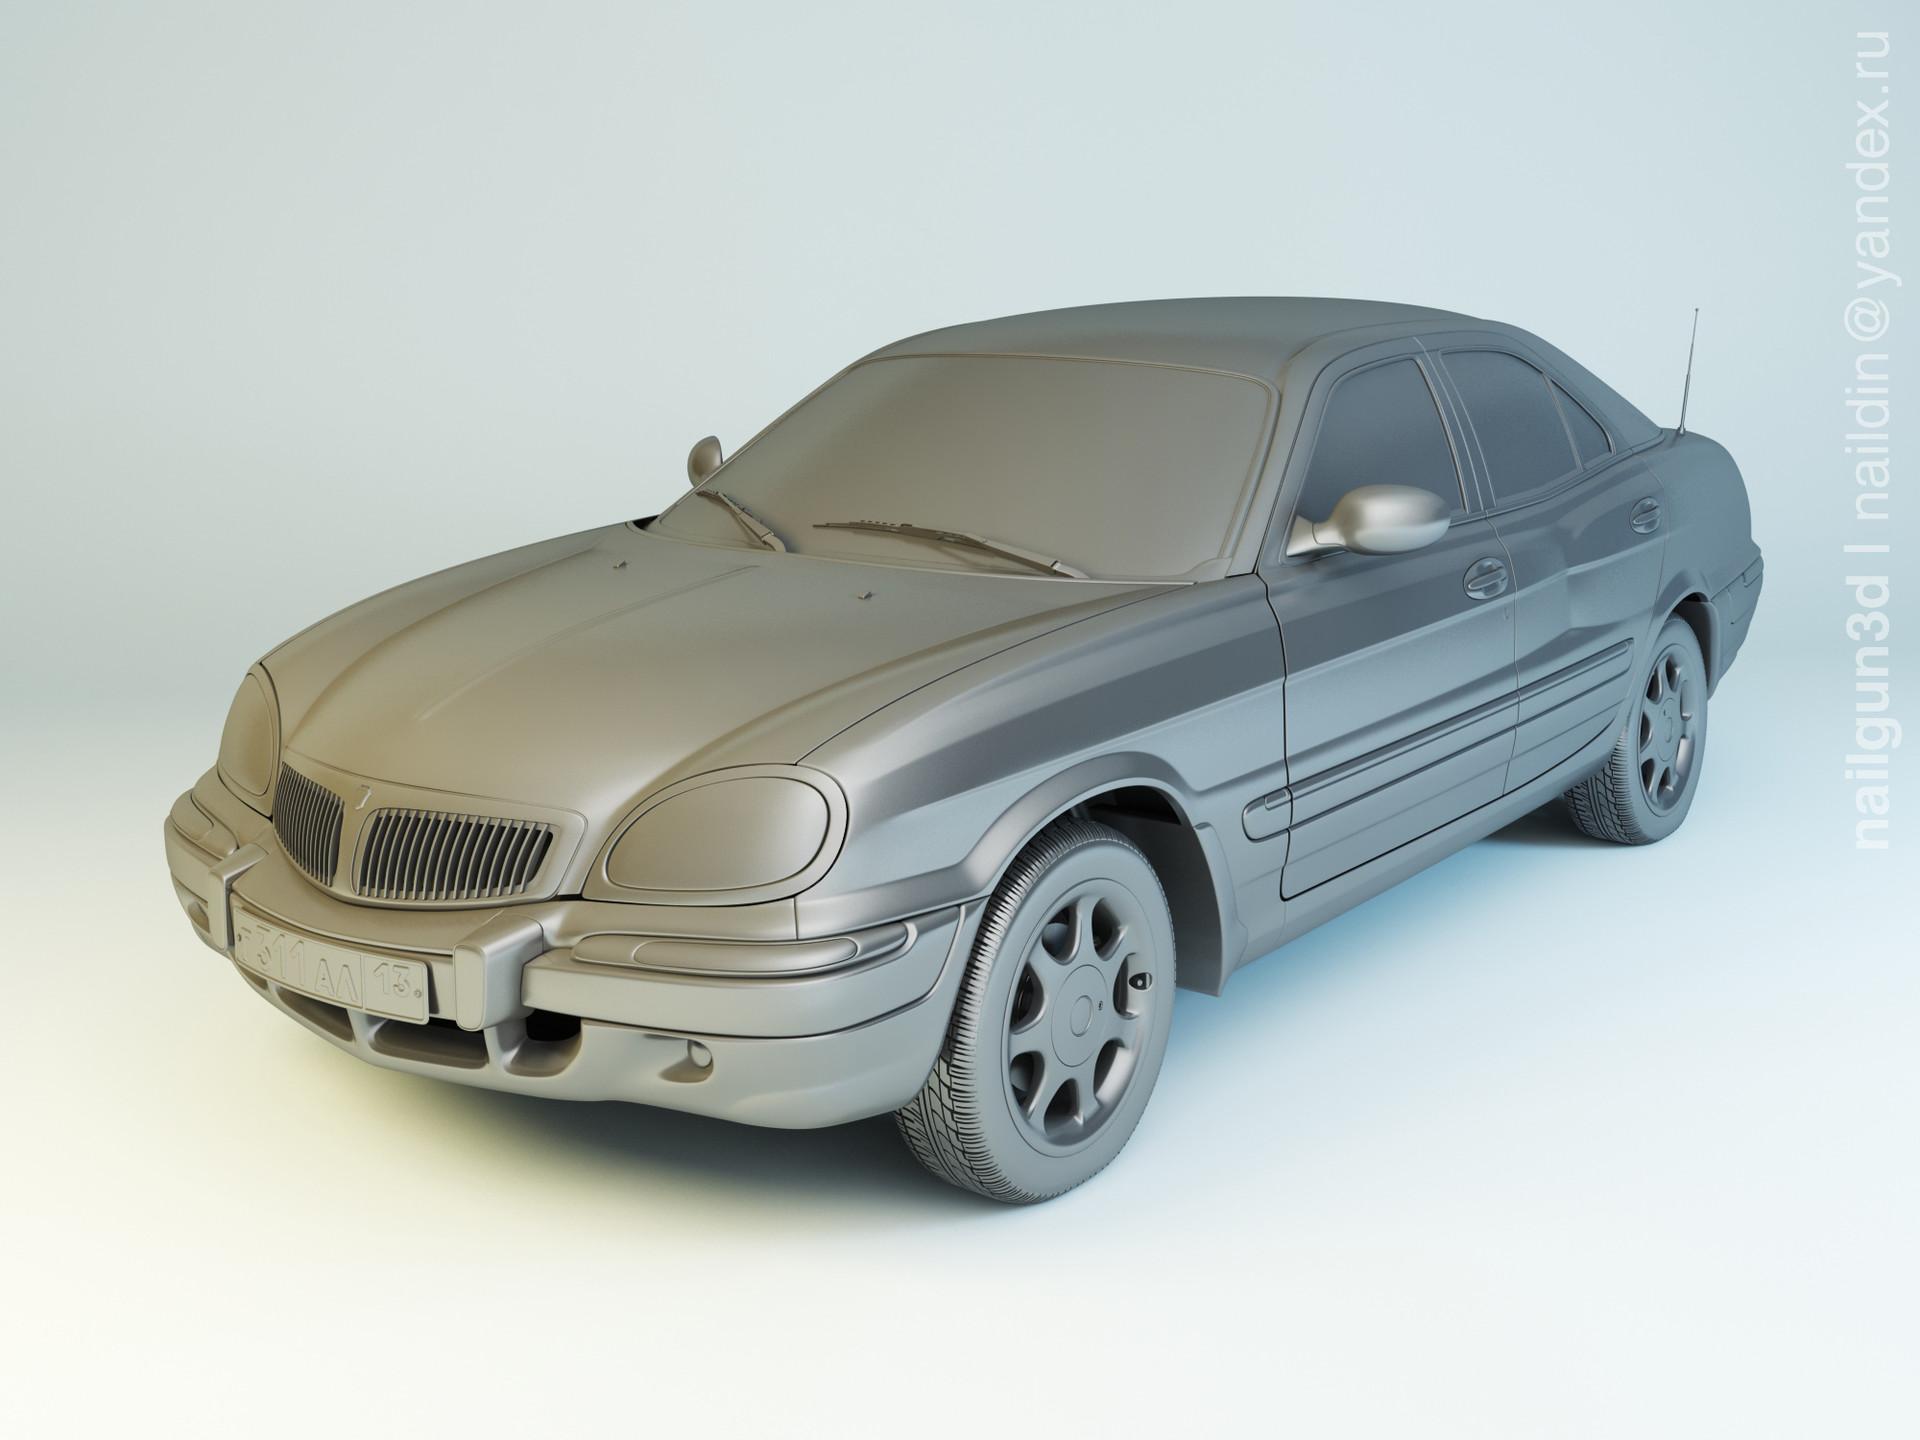 Nail khusnutdinov als 221 004 gaz 3111 modelling 0